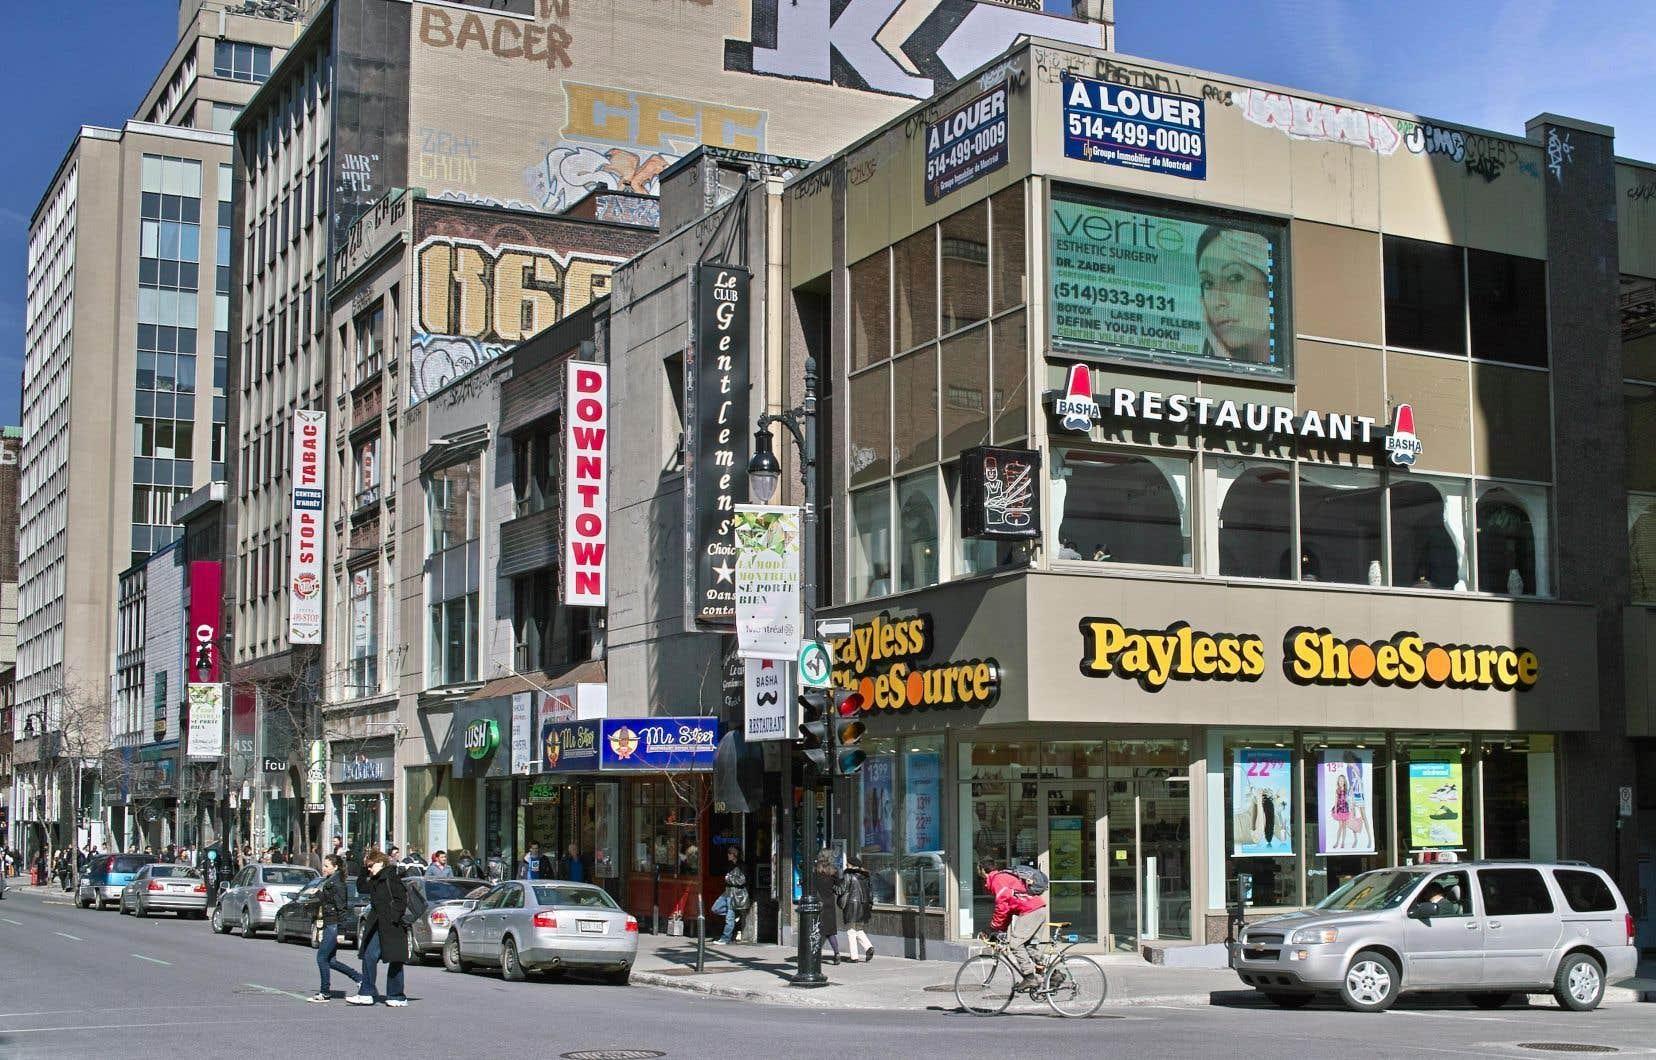 À Montréal l'usage de l'anglais au travail est loin d'être marginal: un employé sur quatre (25%) affirme utiliser le français et l'anglais à égalité et 18,7% n'utilisent que l'anglais.